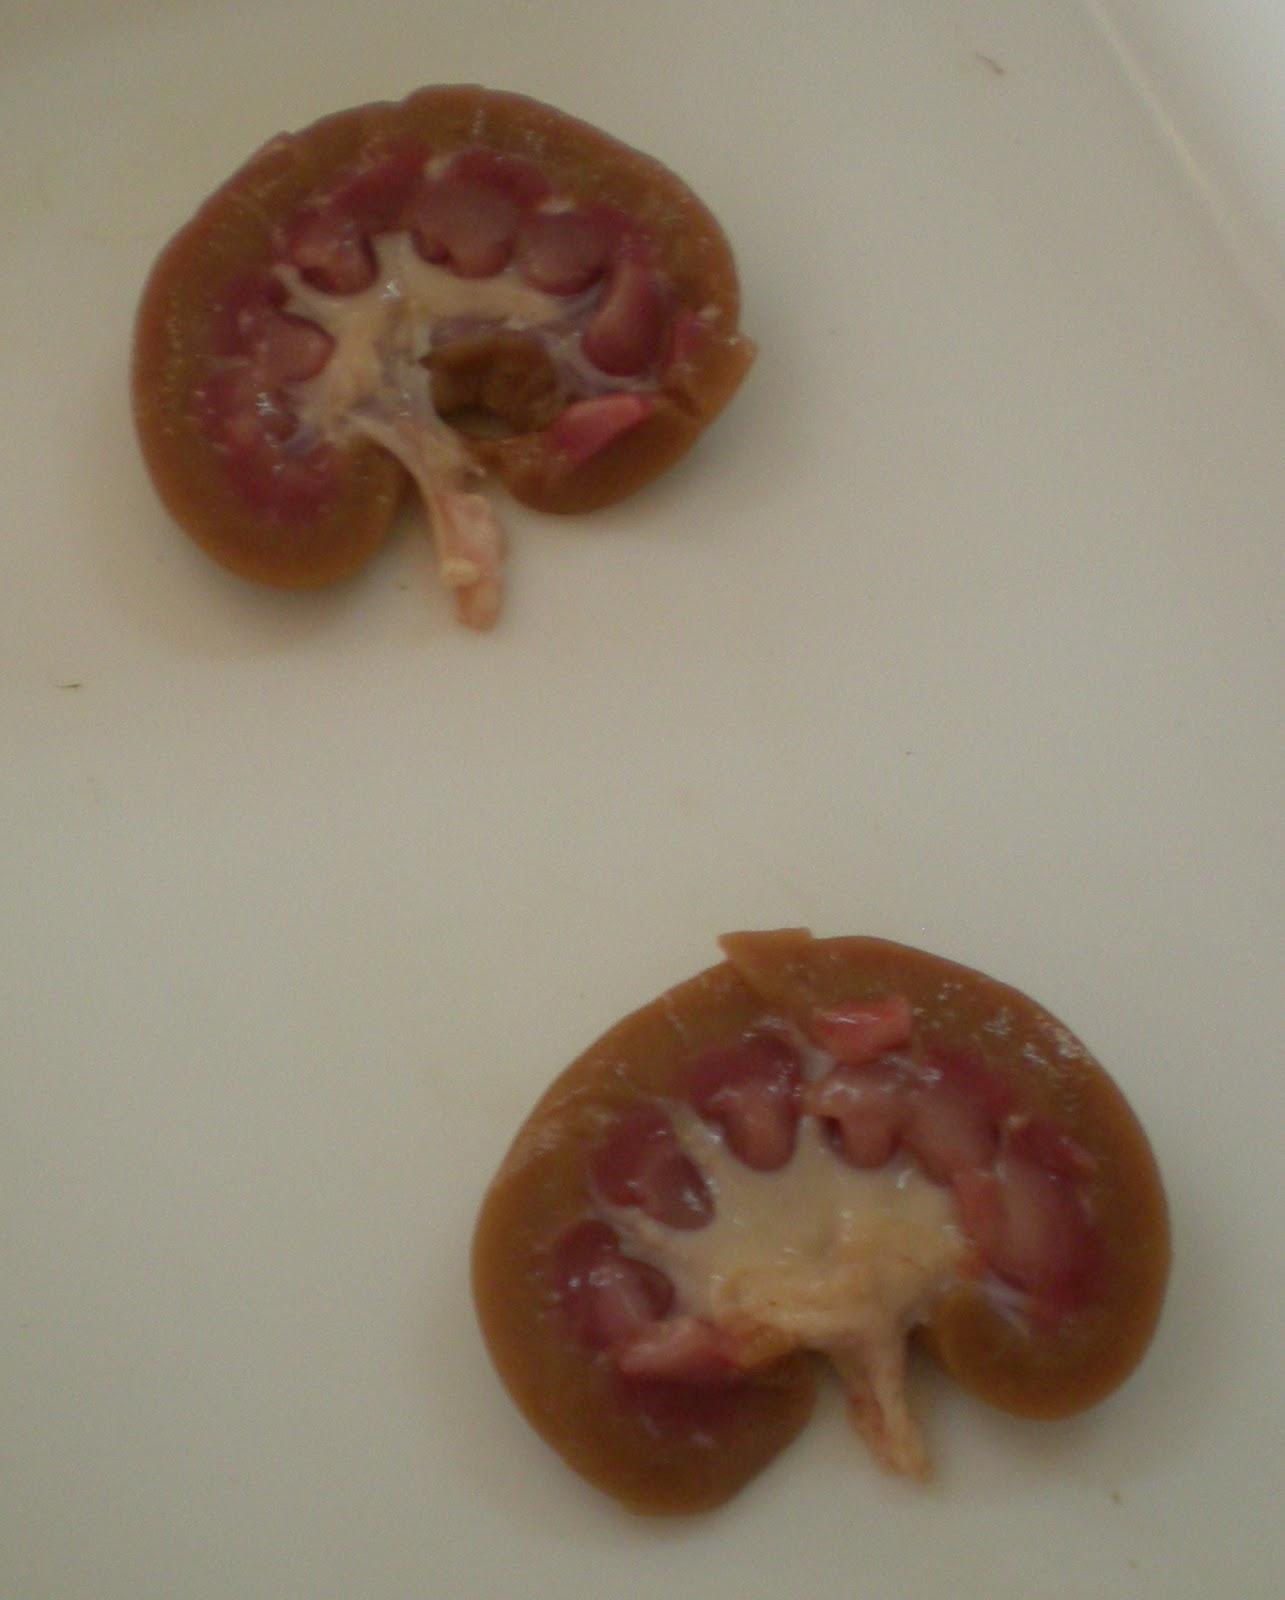 EL CUERPO HUMANO: Disección de un riñón